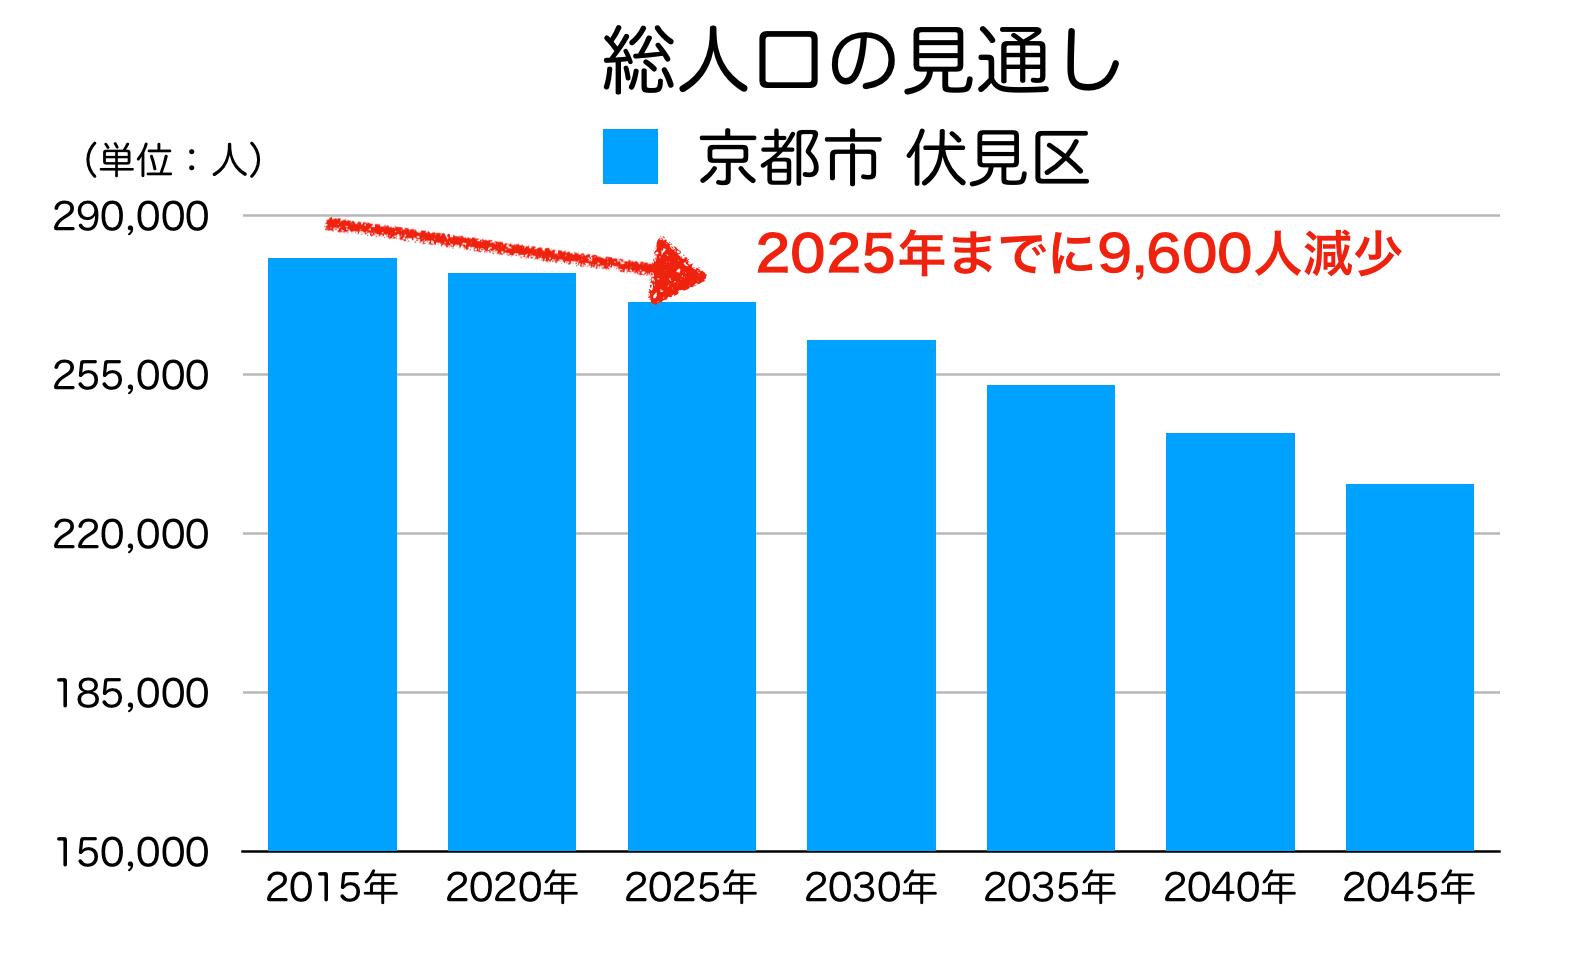 京都市伏見区の人口予測